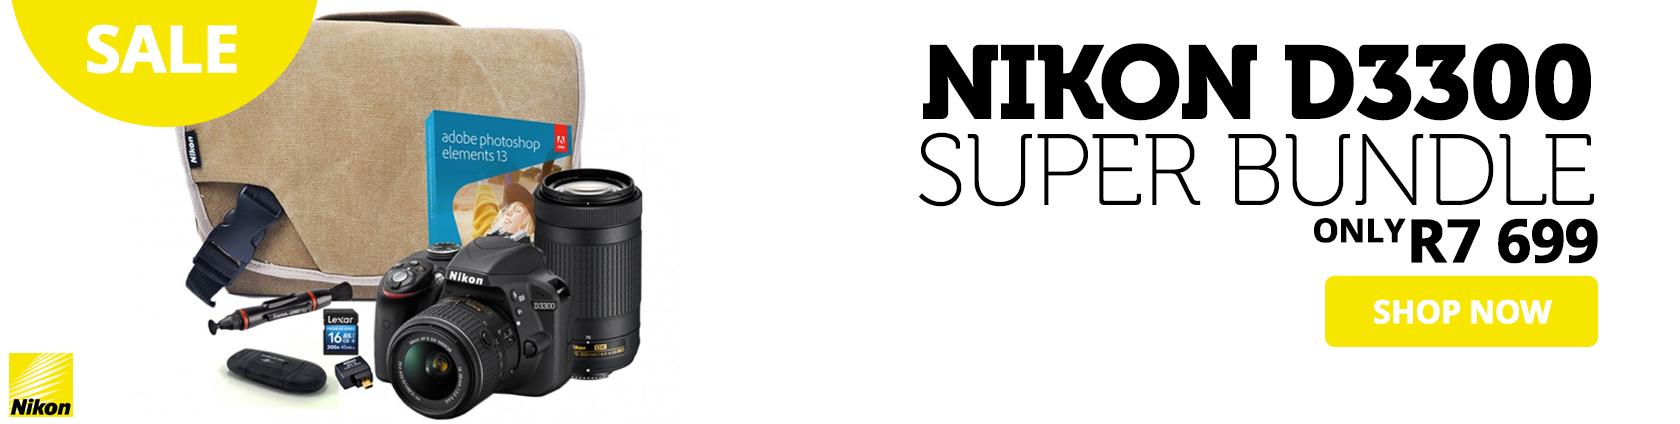 Nikon D3300 Super Bundle